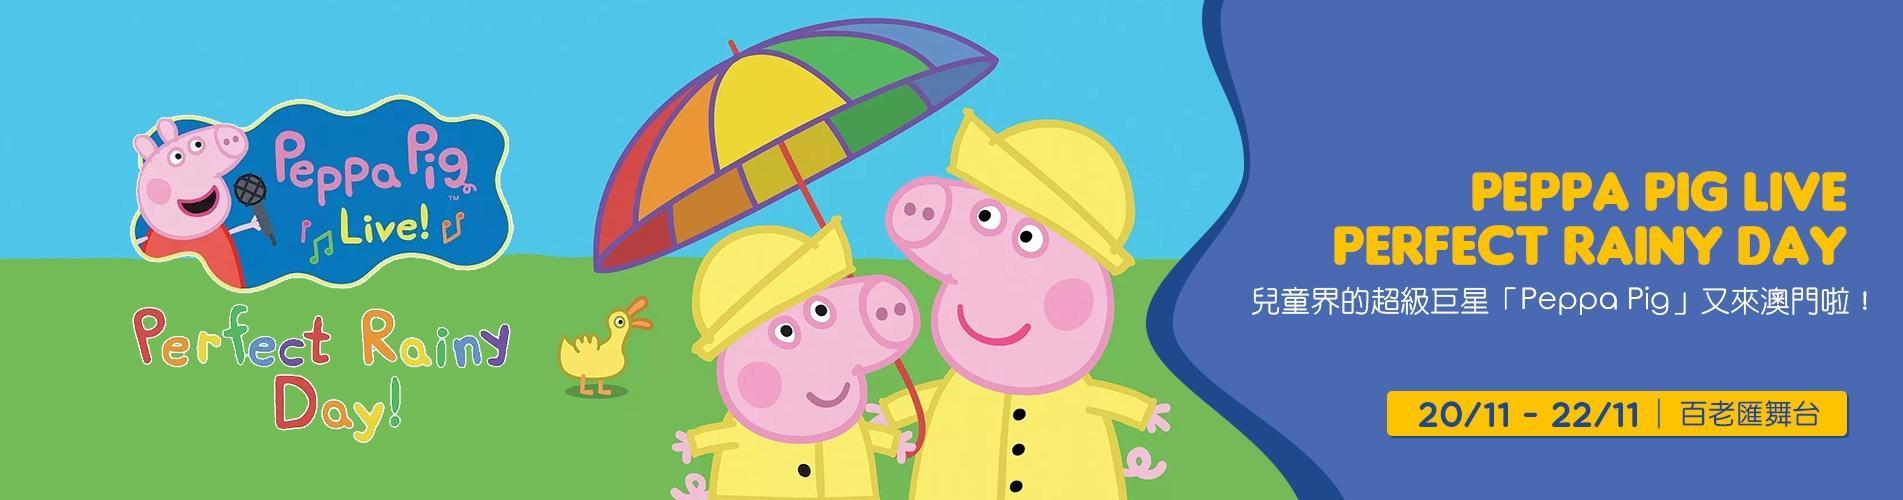 Peppa Pig Live - Perfect Rainy Day - 澳門站 (門票優惠低至85折)